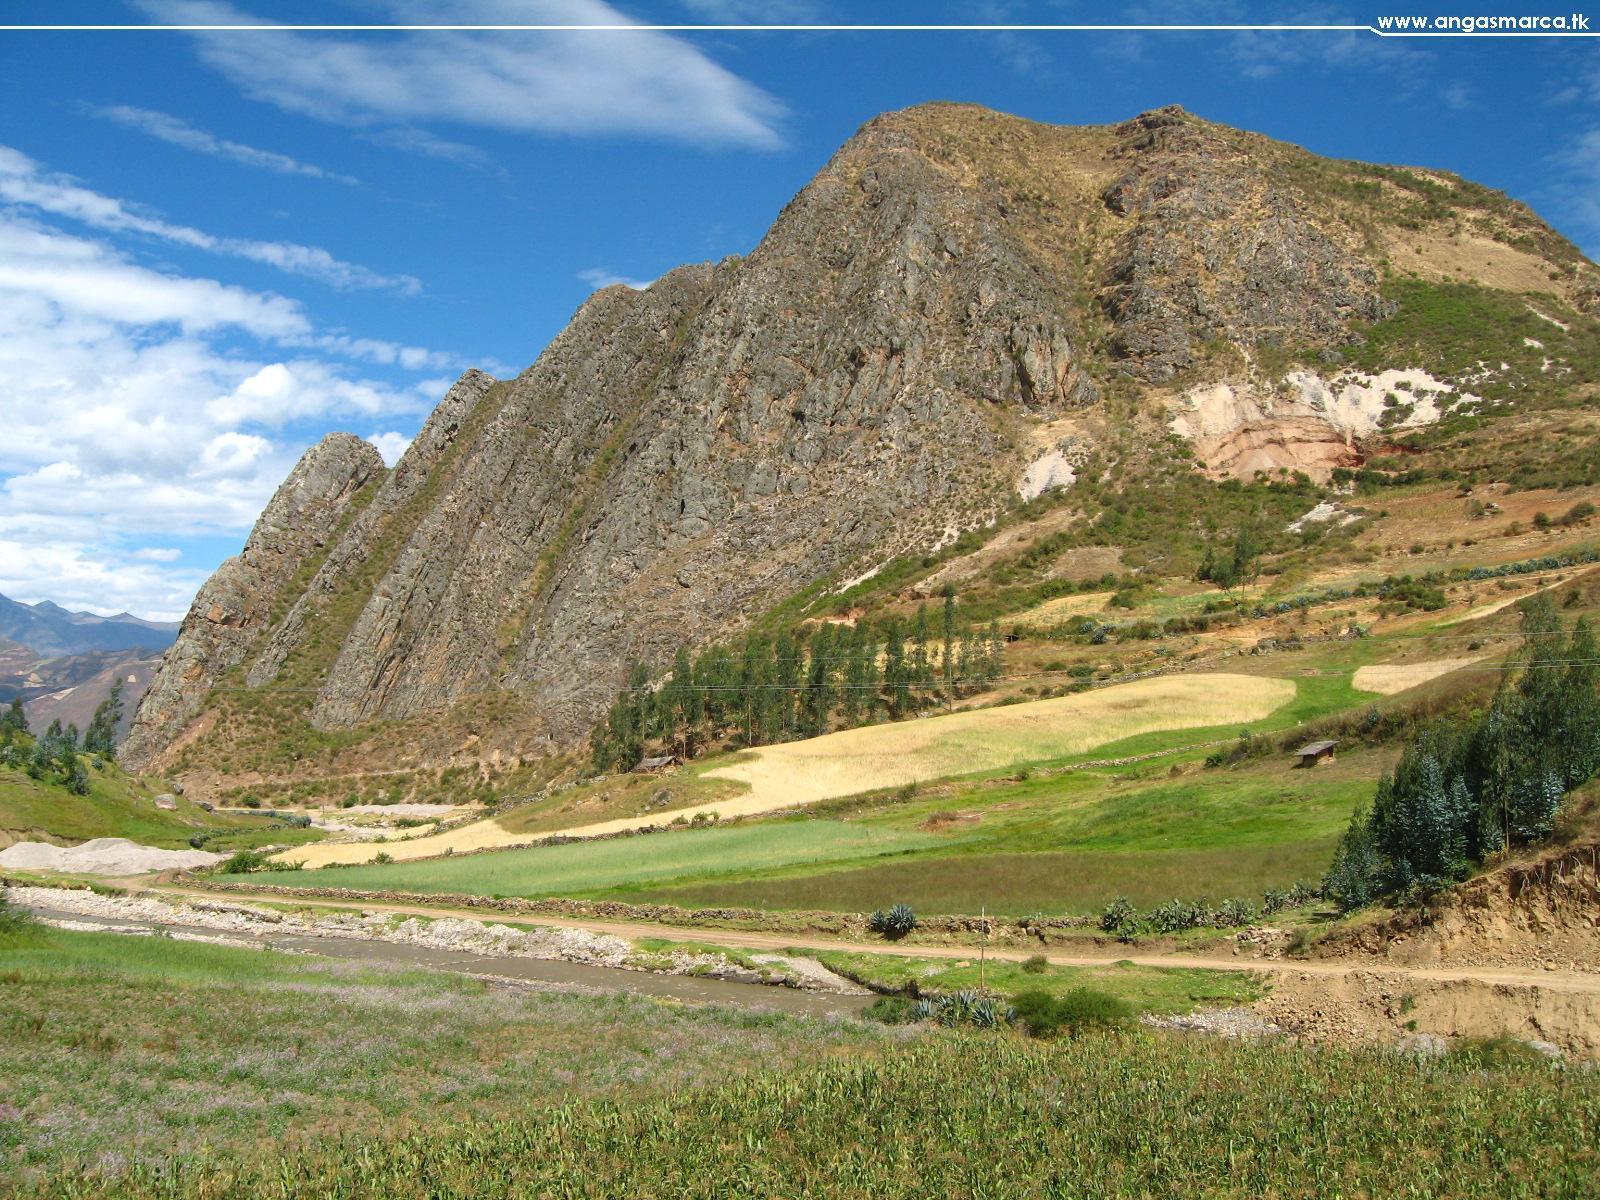 LA ENCAÑADA, tomada desde el camino a Chusgón